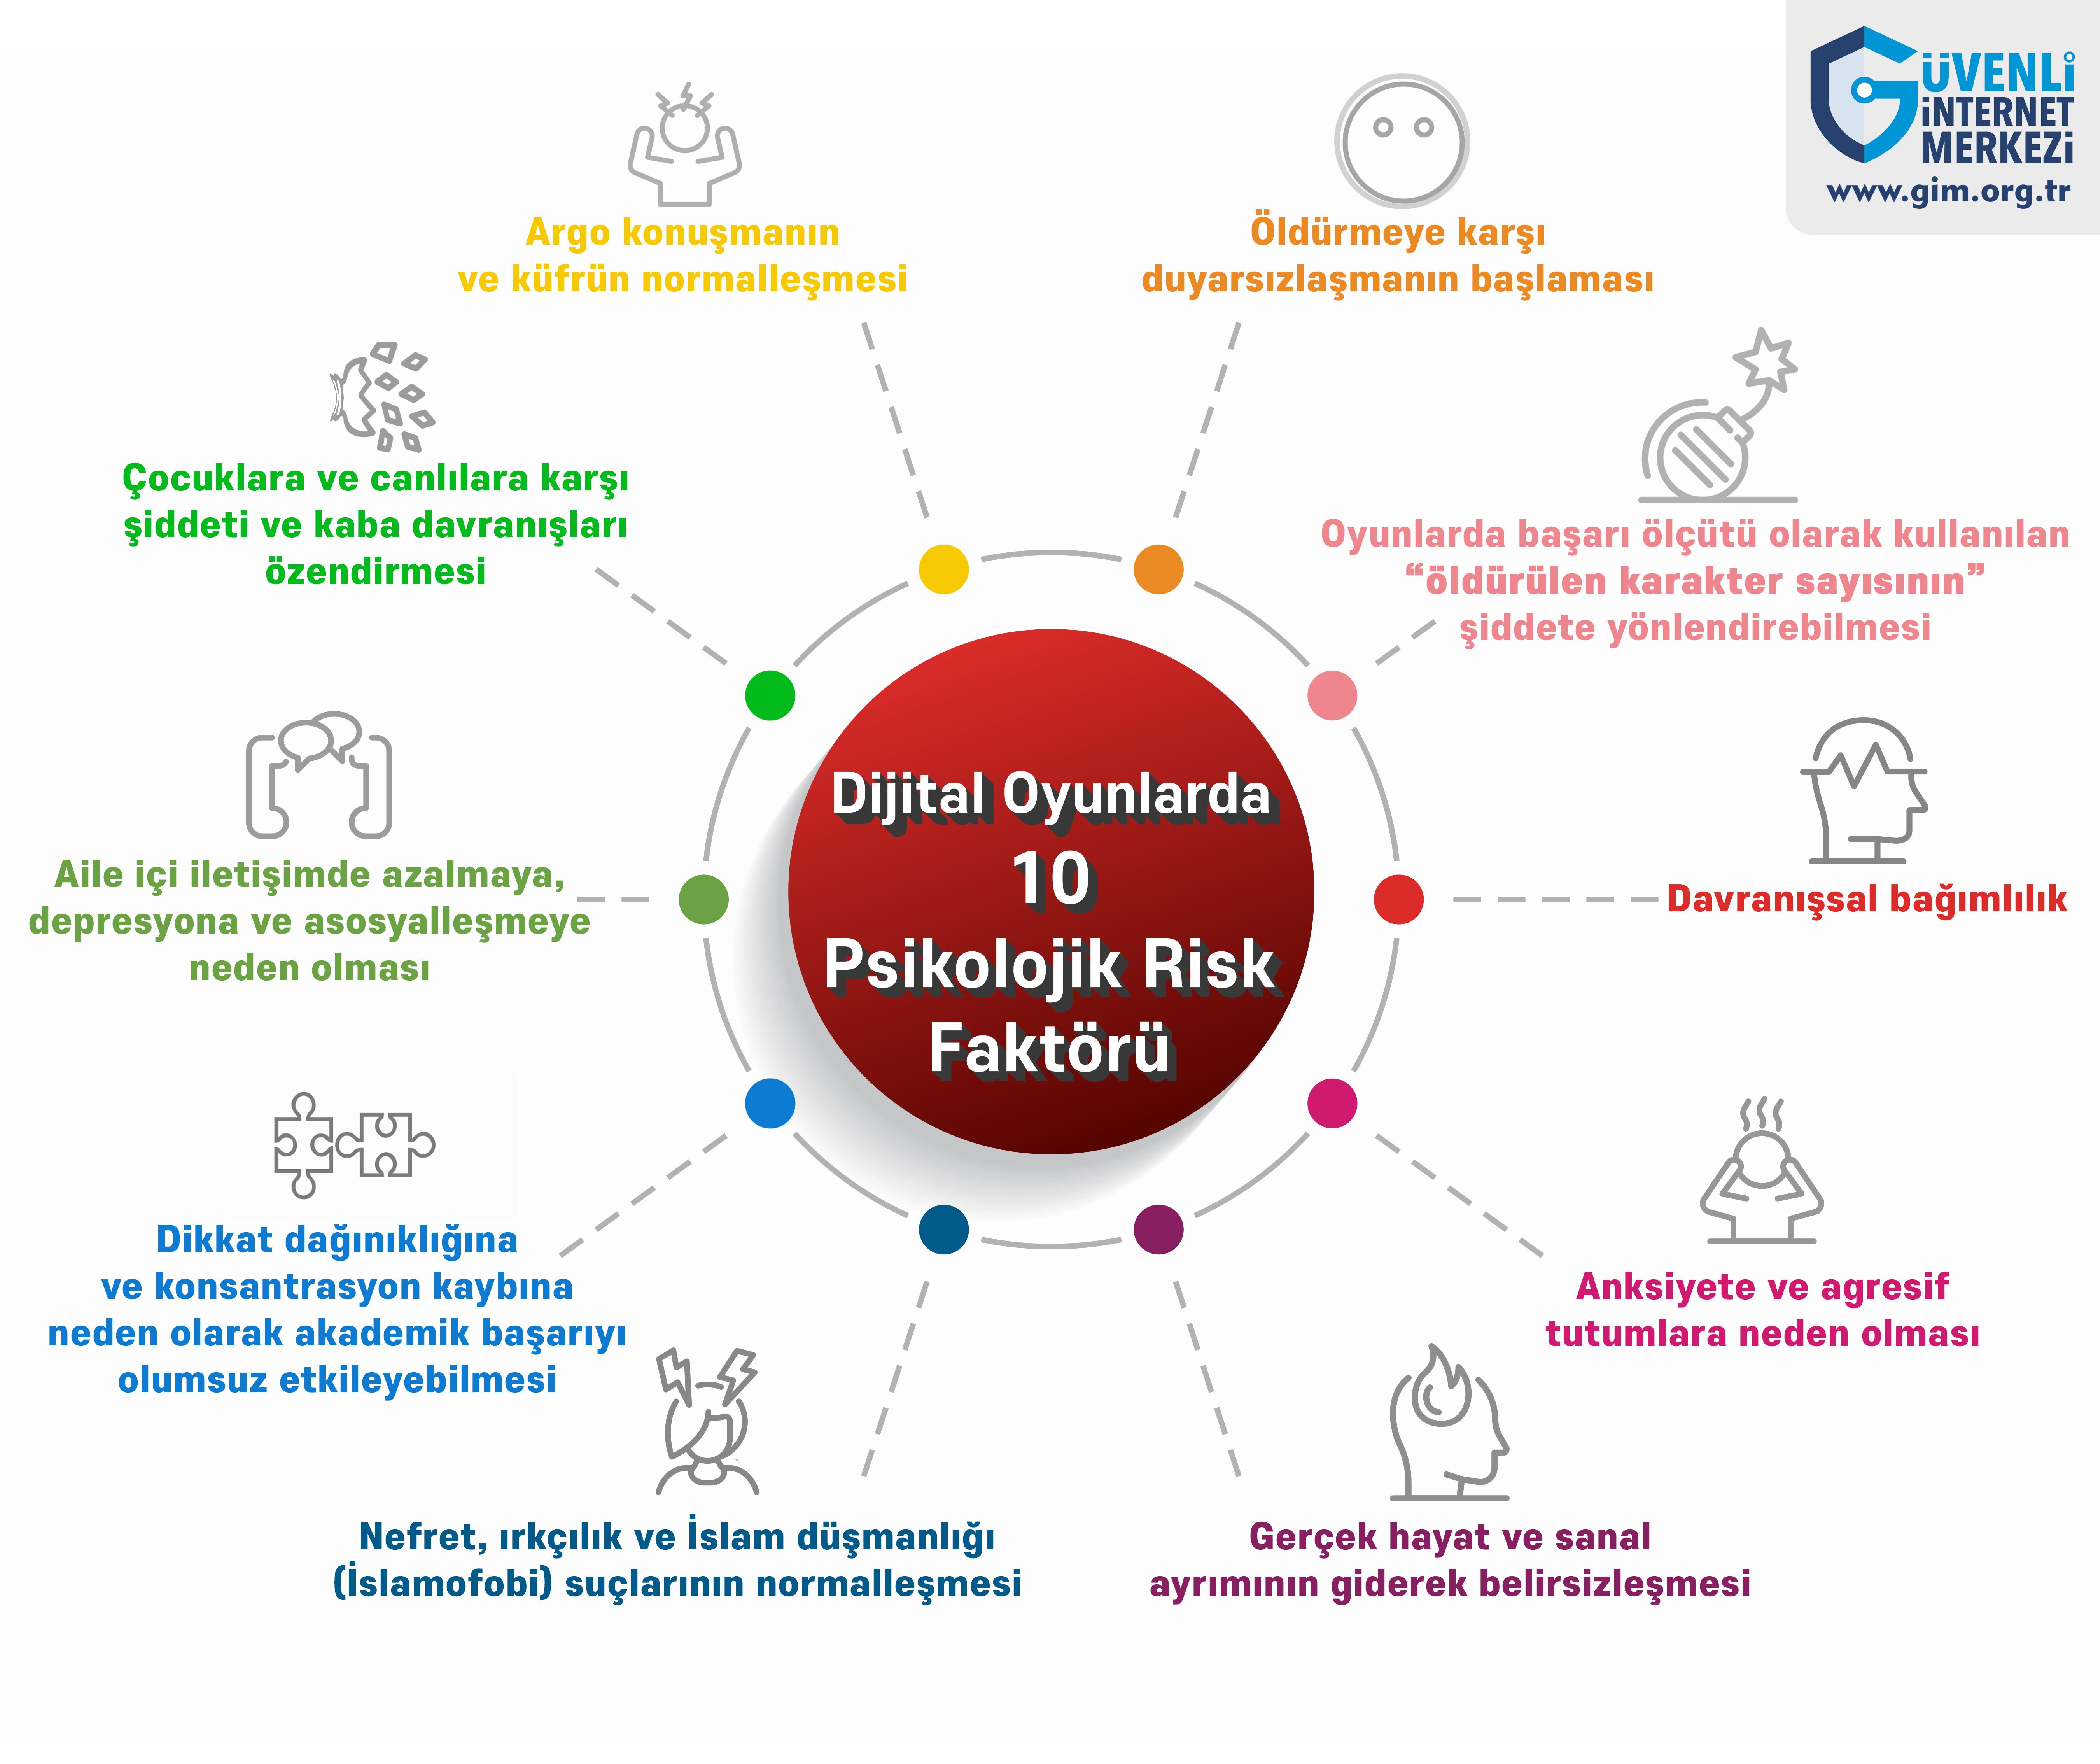 Dijital Oyunlarda 10 Psikolojik Risk Faktörü